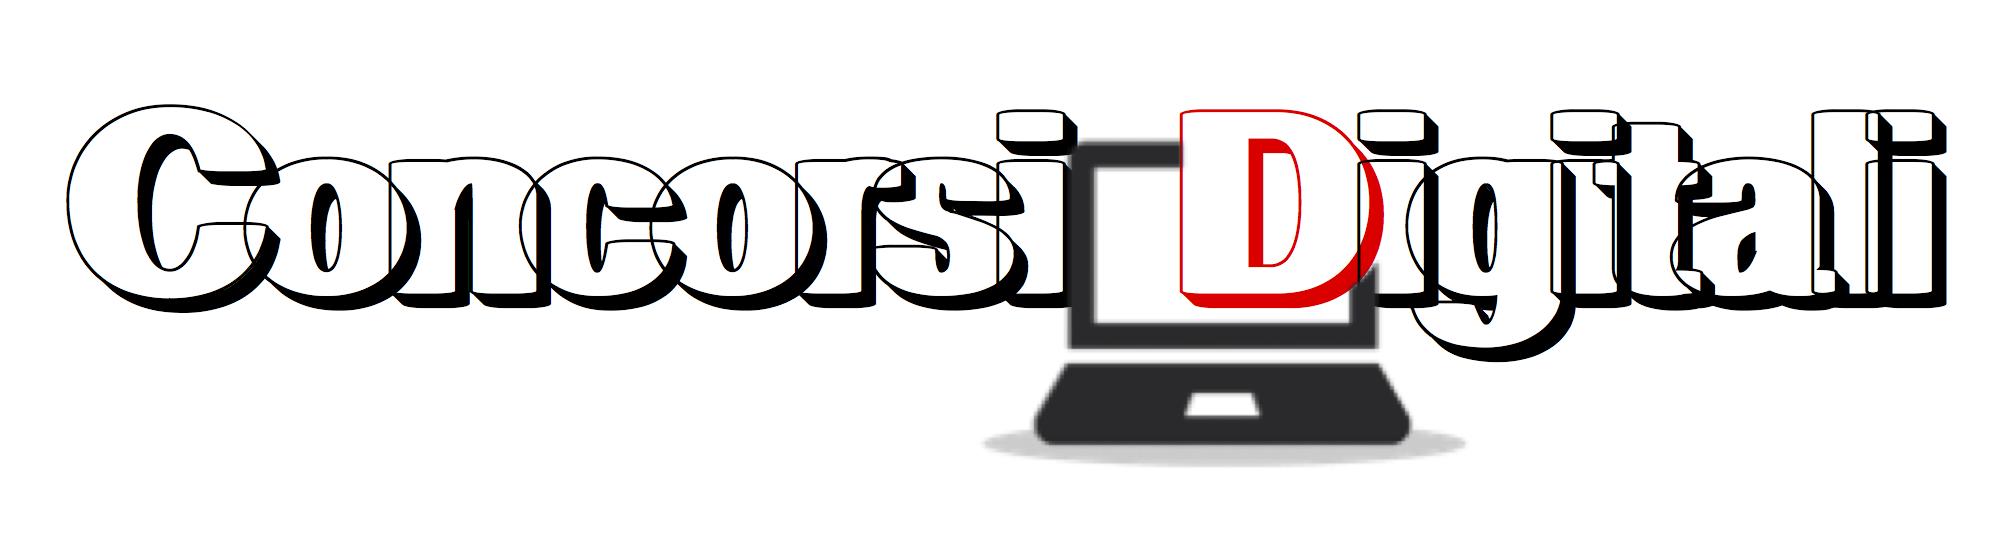 Concorsi Digitali e progetto EDOC@WORK3.0.